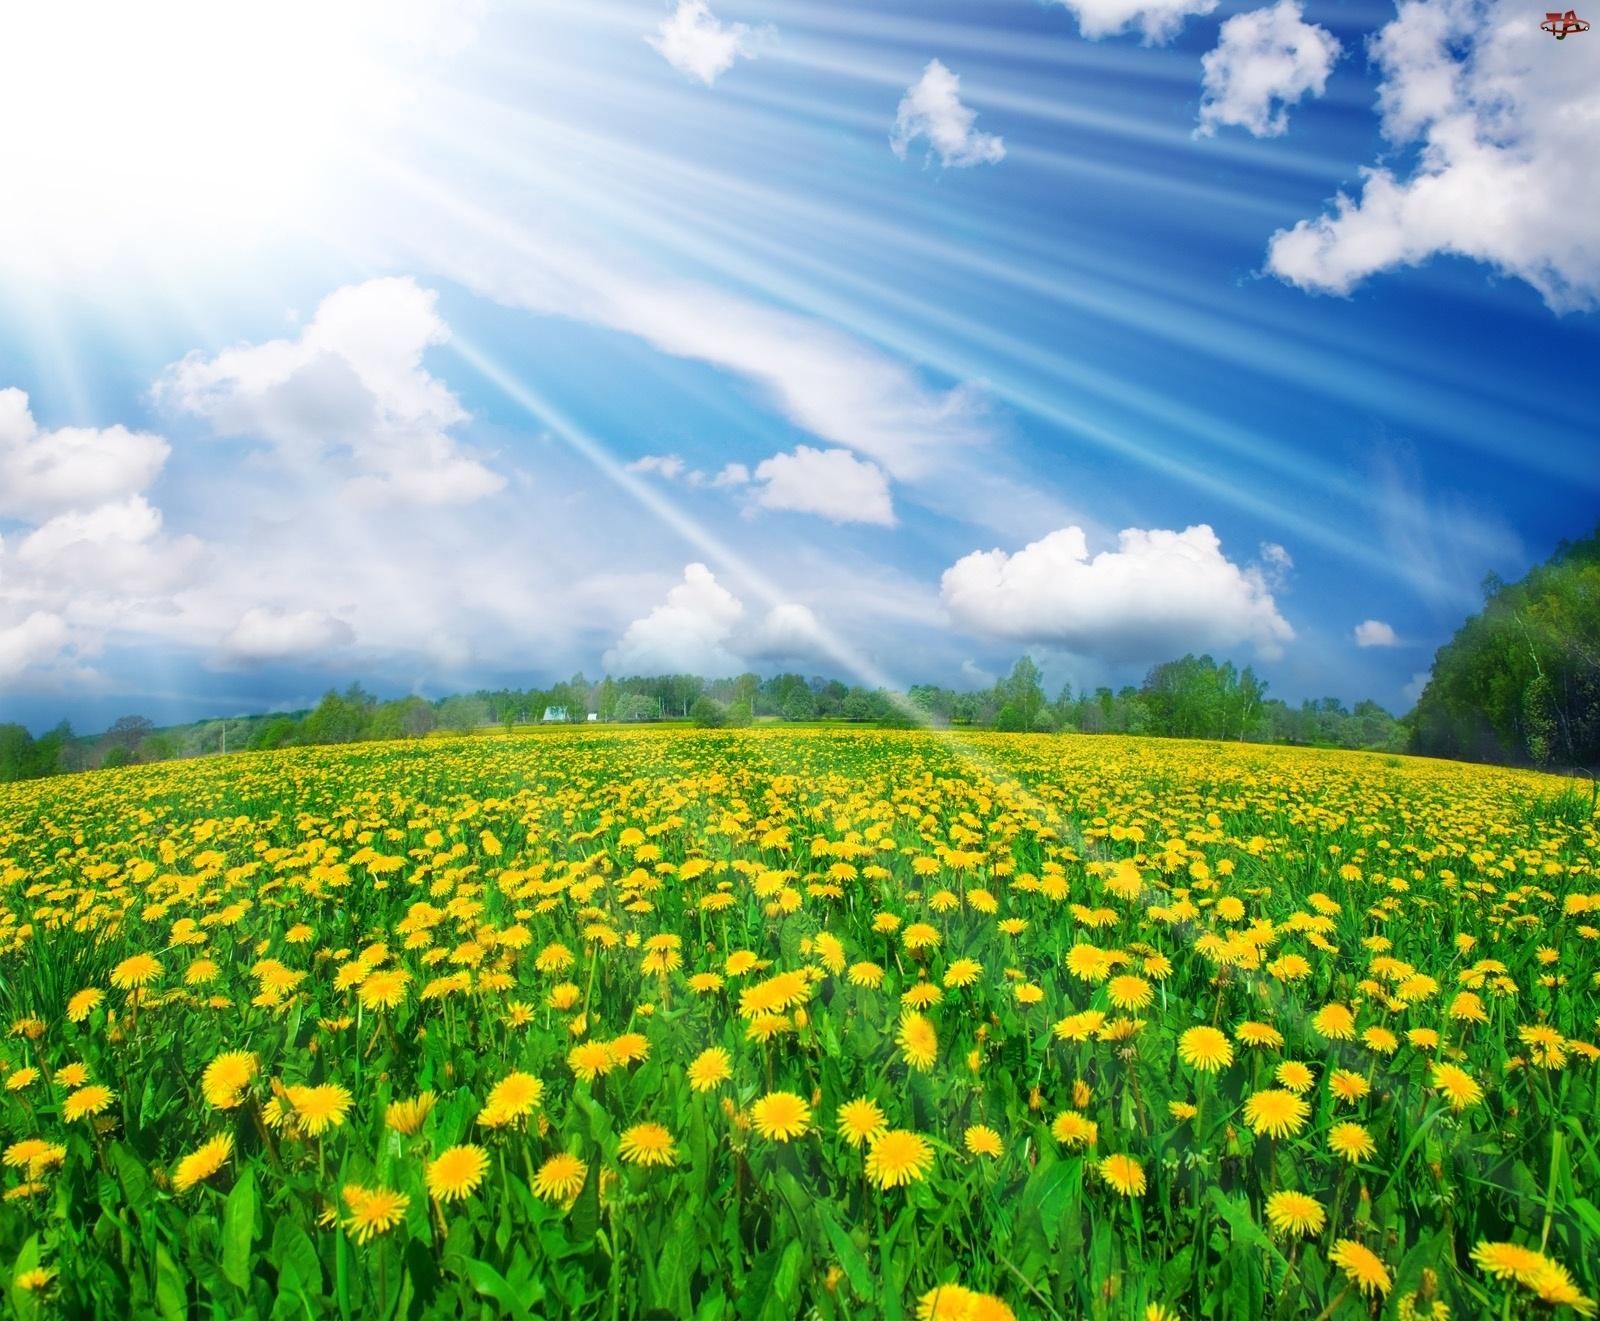 Niebo, Mlecze, Promienie, Łąka, Słoneczne